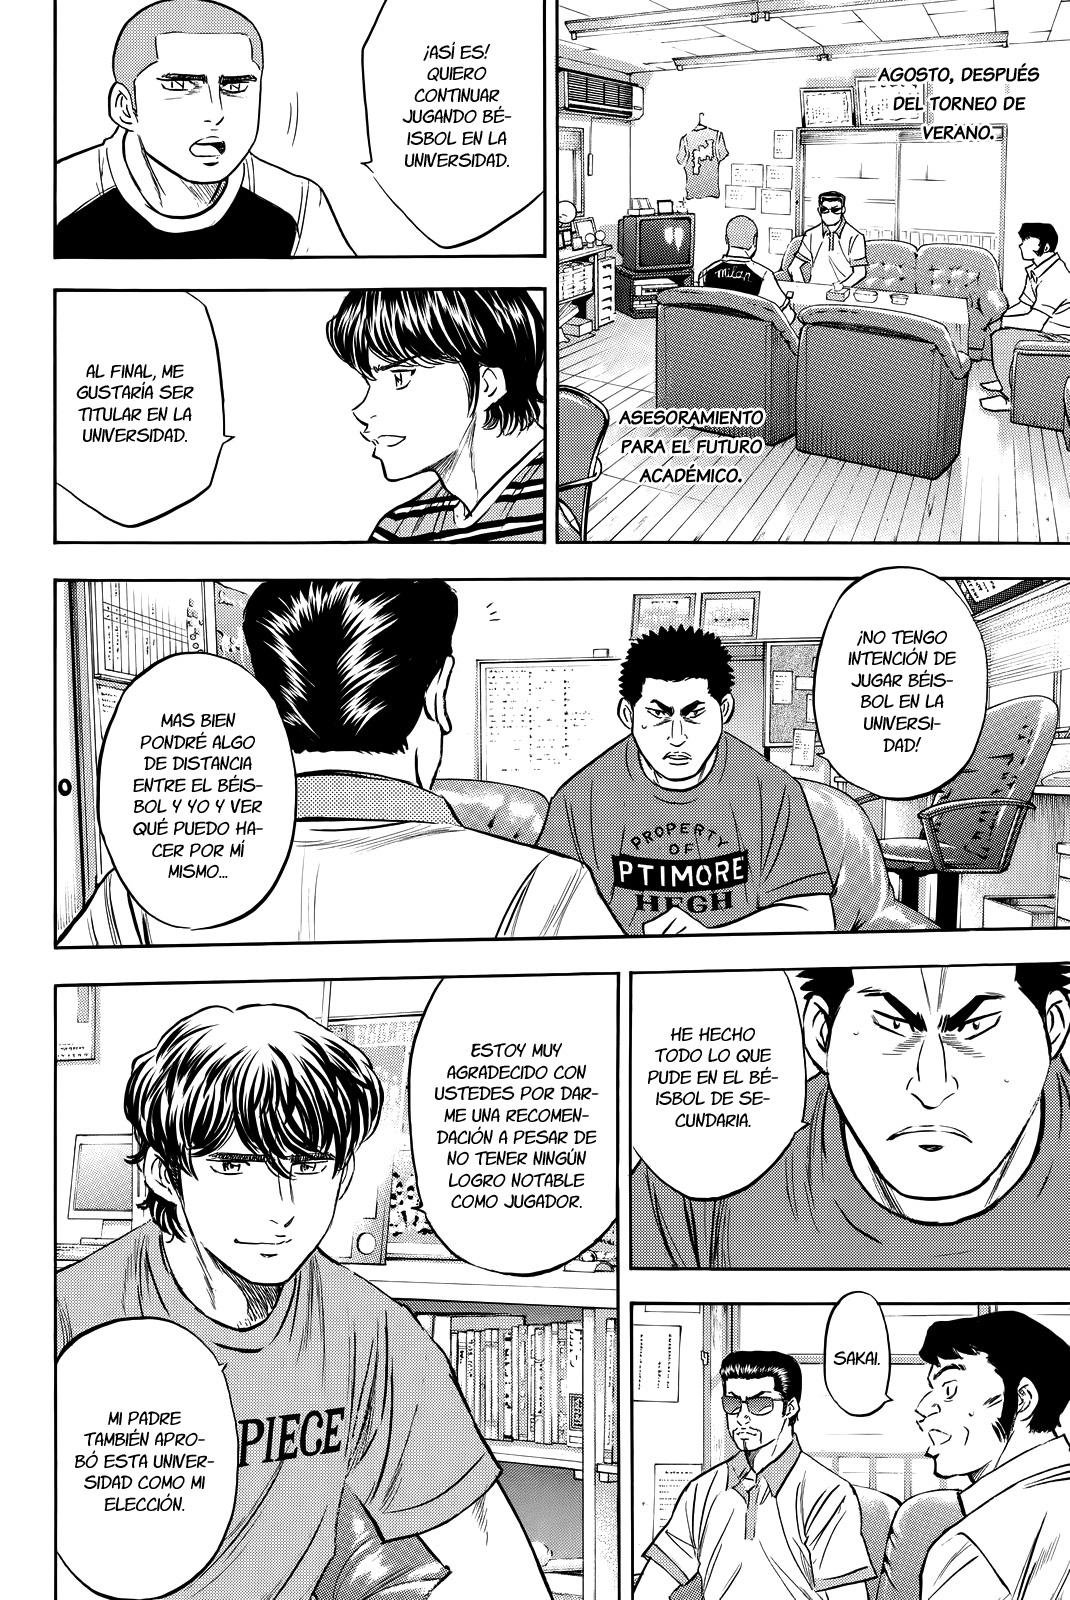 http://c5.ninemanga.com/es_manga/24/1752/416110/bb4c5ae4e4990ddf935aa2d1833e2b32.jpg Page 7